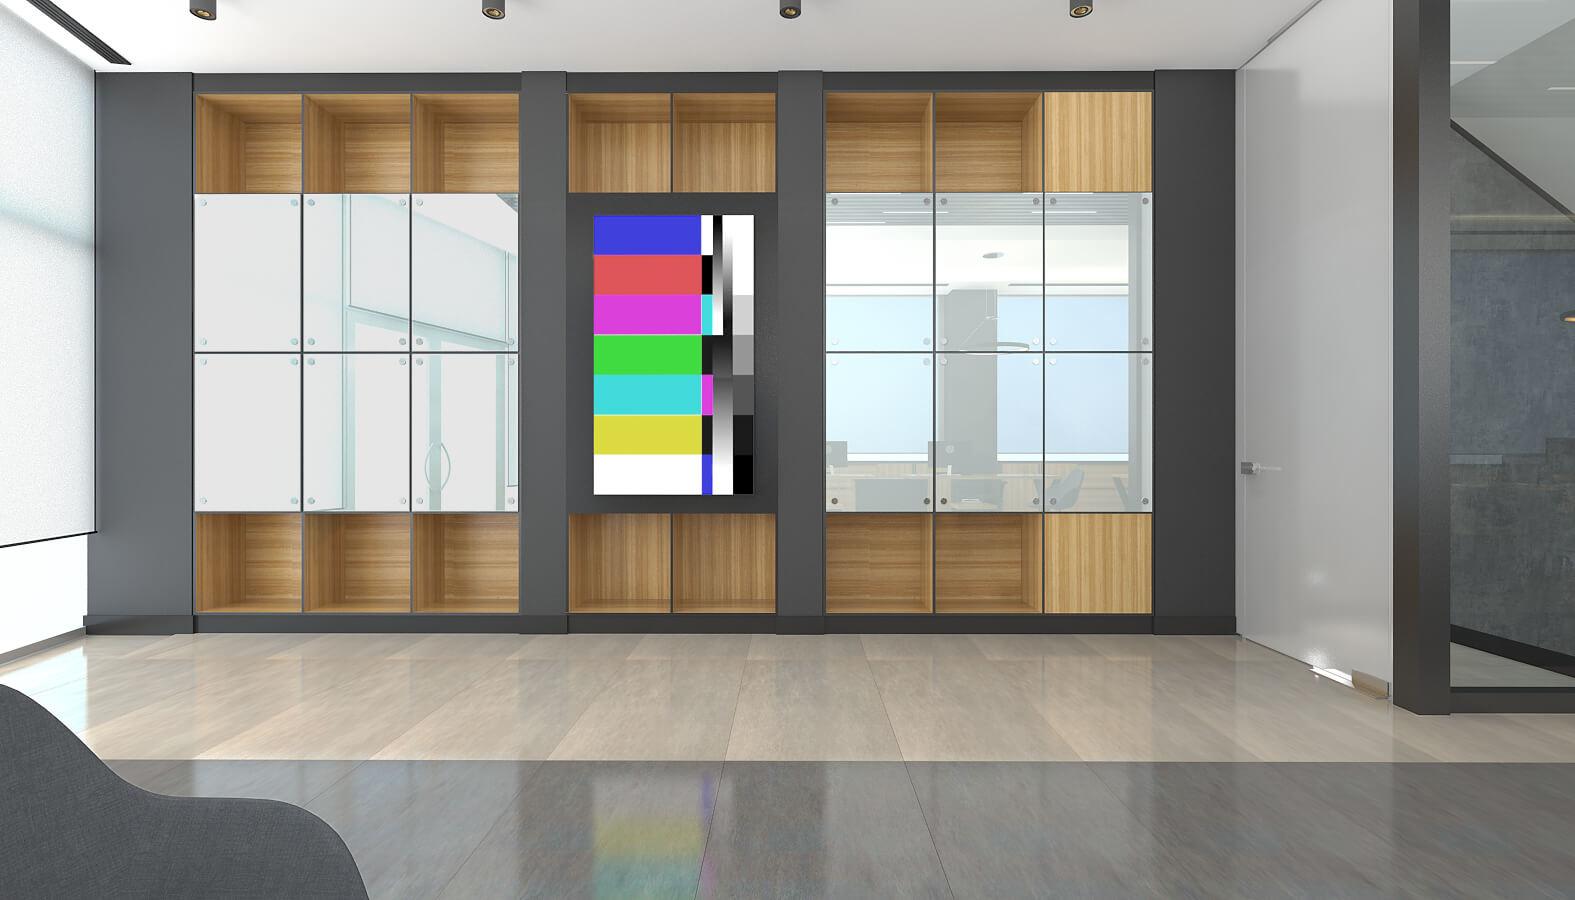 Mağaza tasarım 3531 2B Enerji Perakende